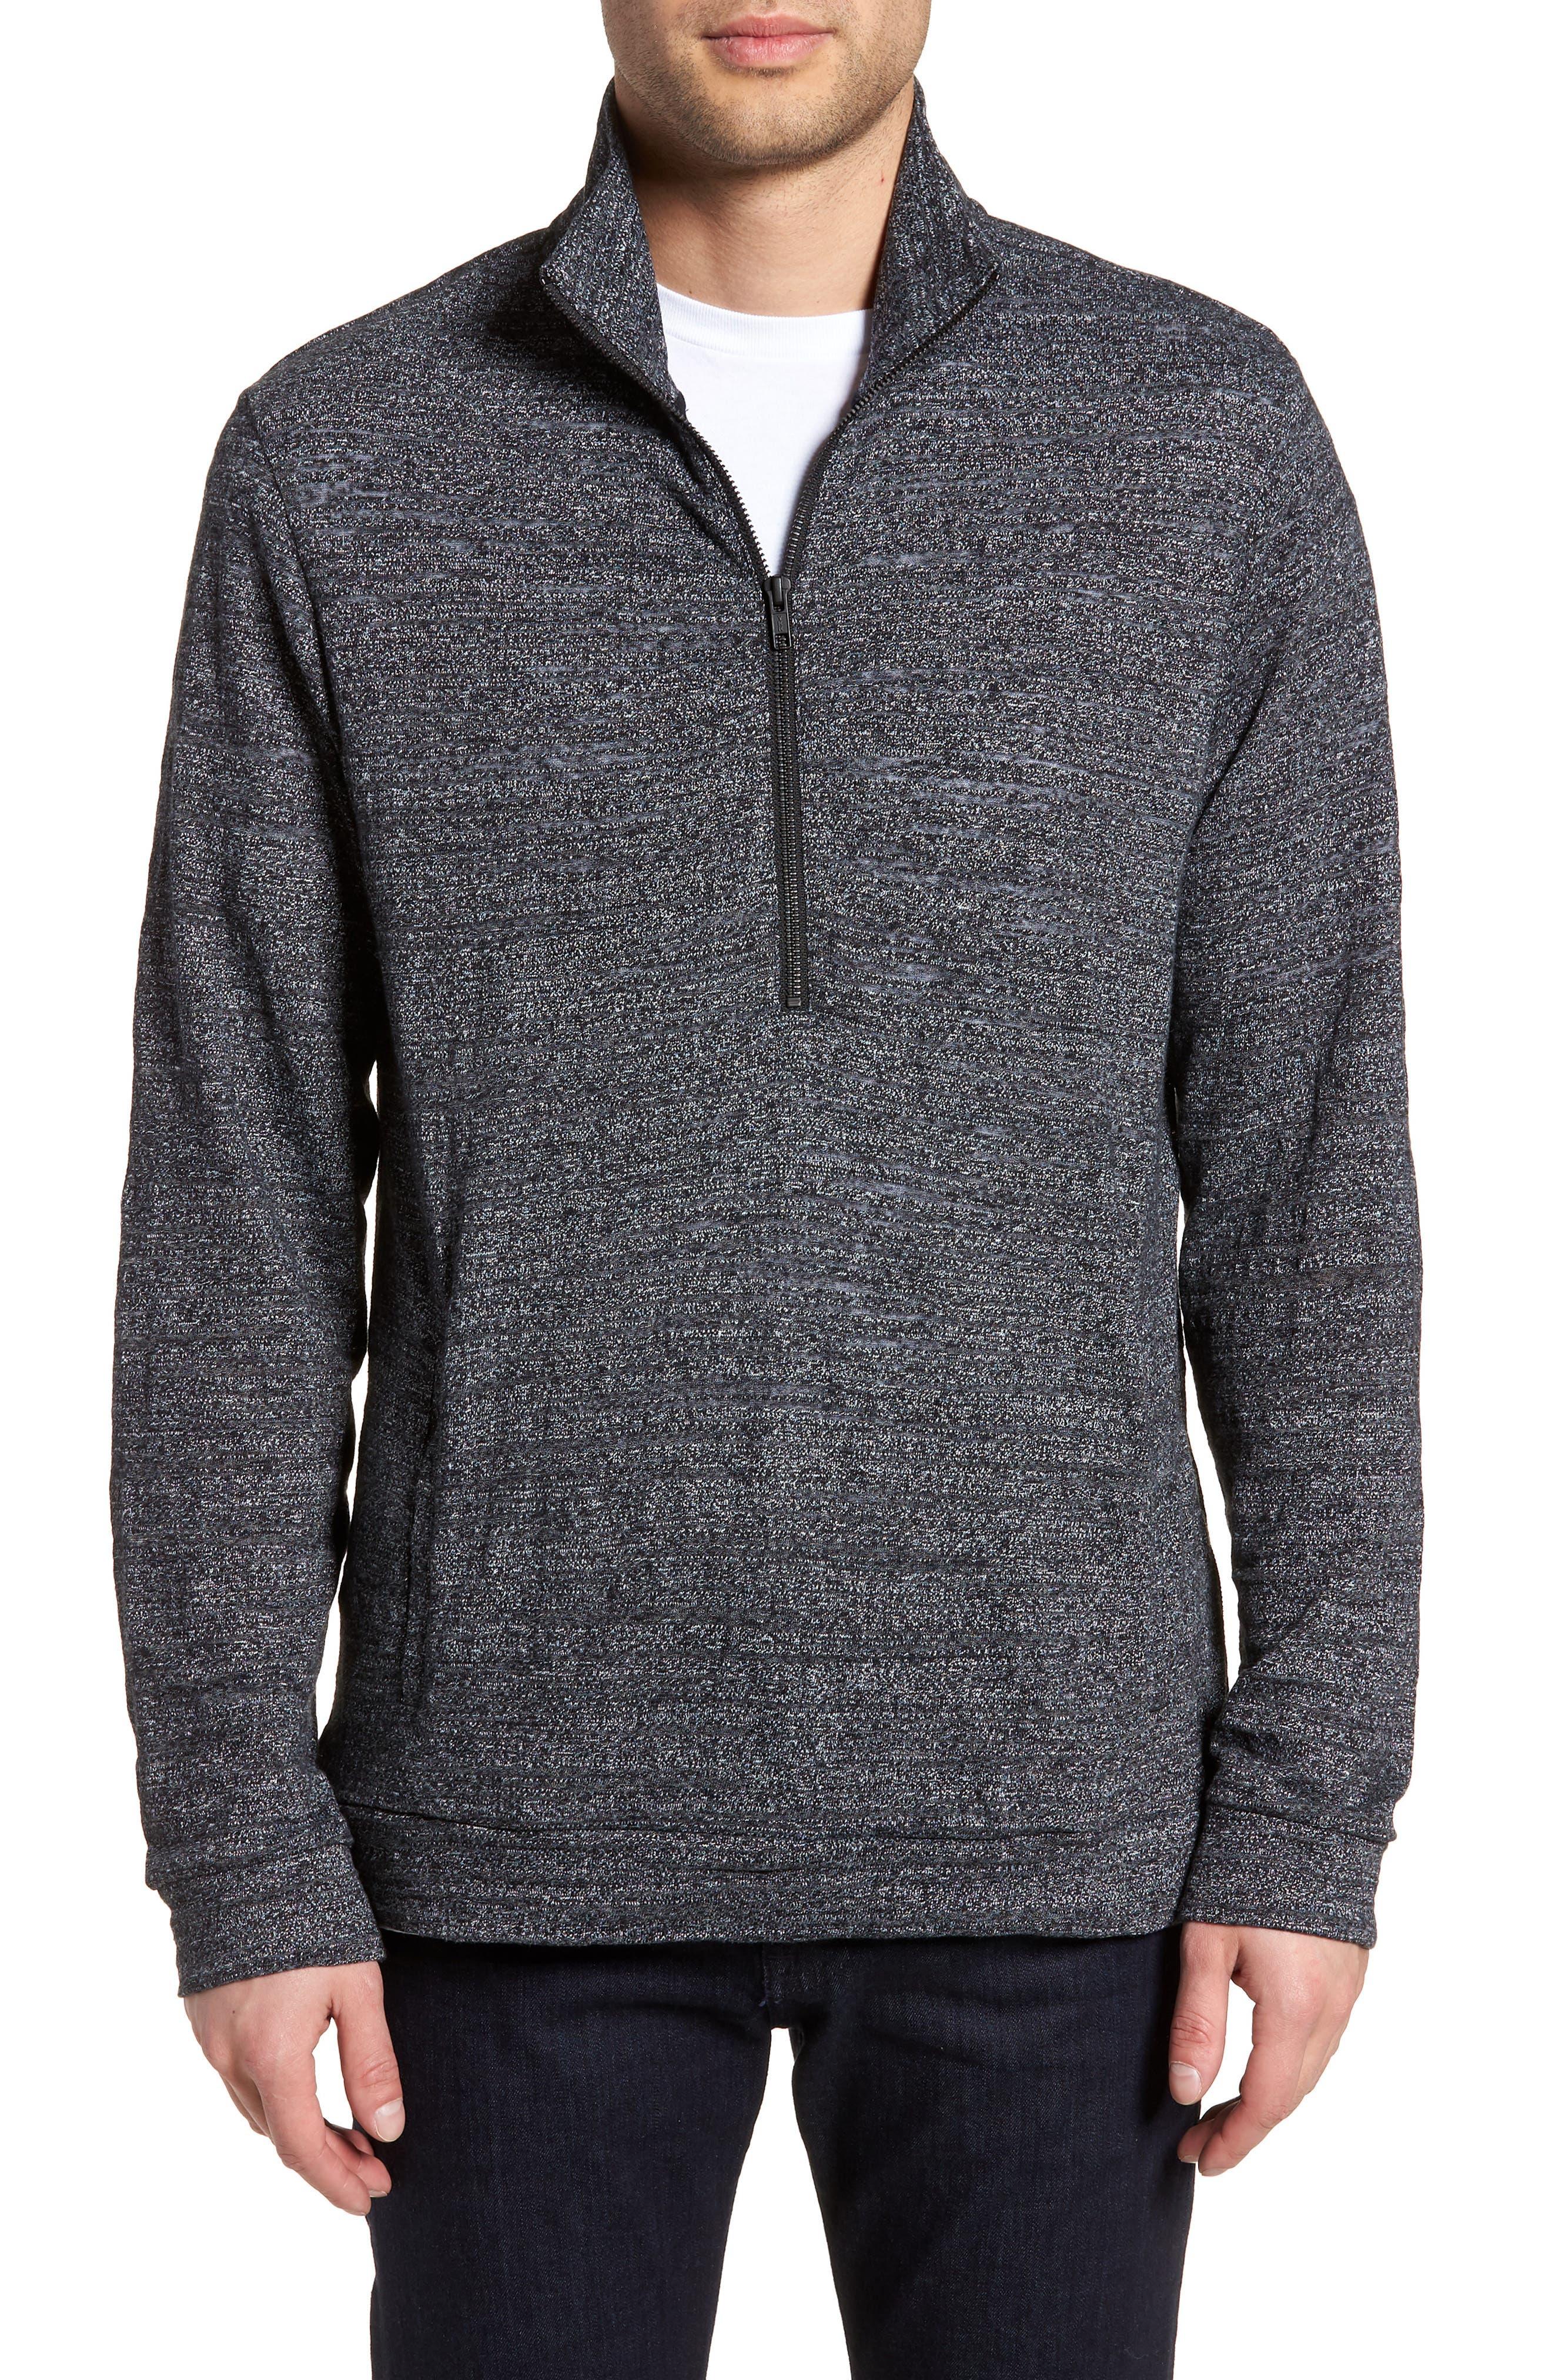 Calibrate Textured Zip Fleece Sweatshirt